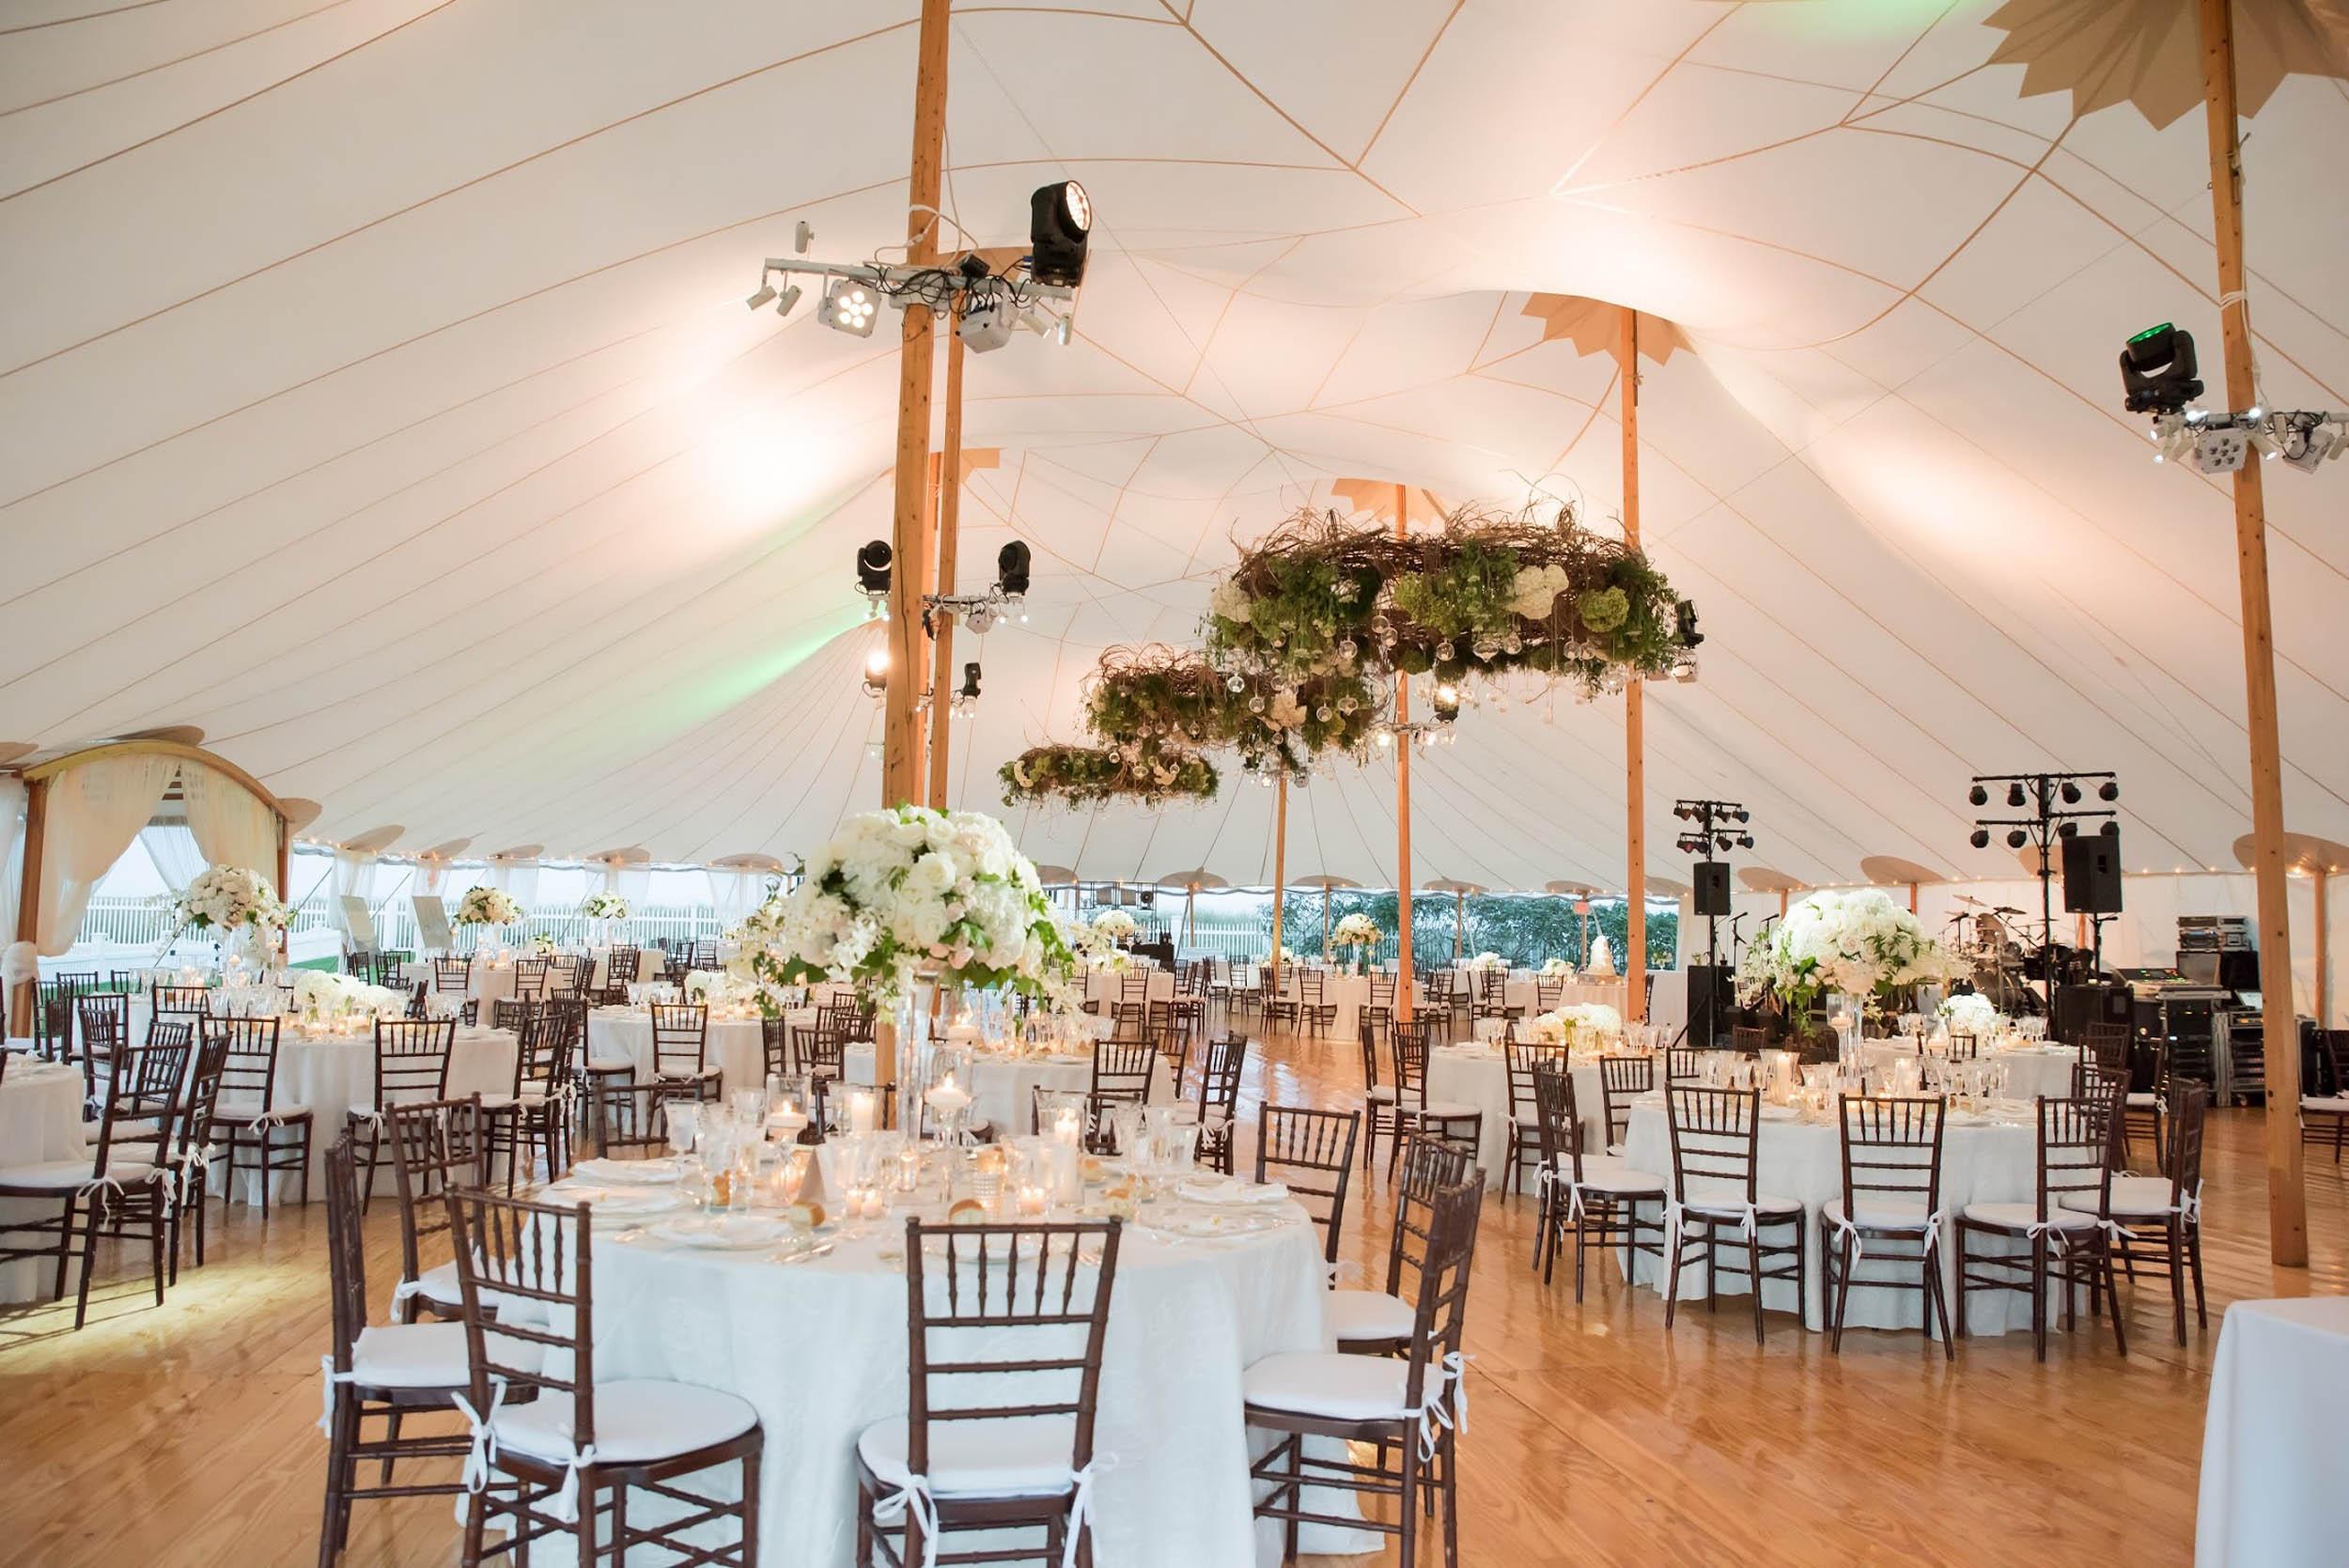 lilacs-florals-wedding-florist-tents-hires-087.jpg